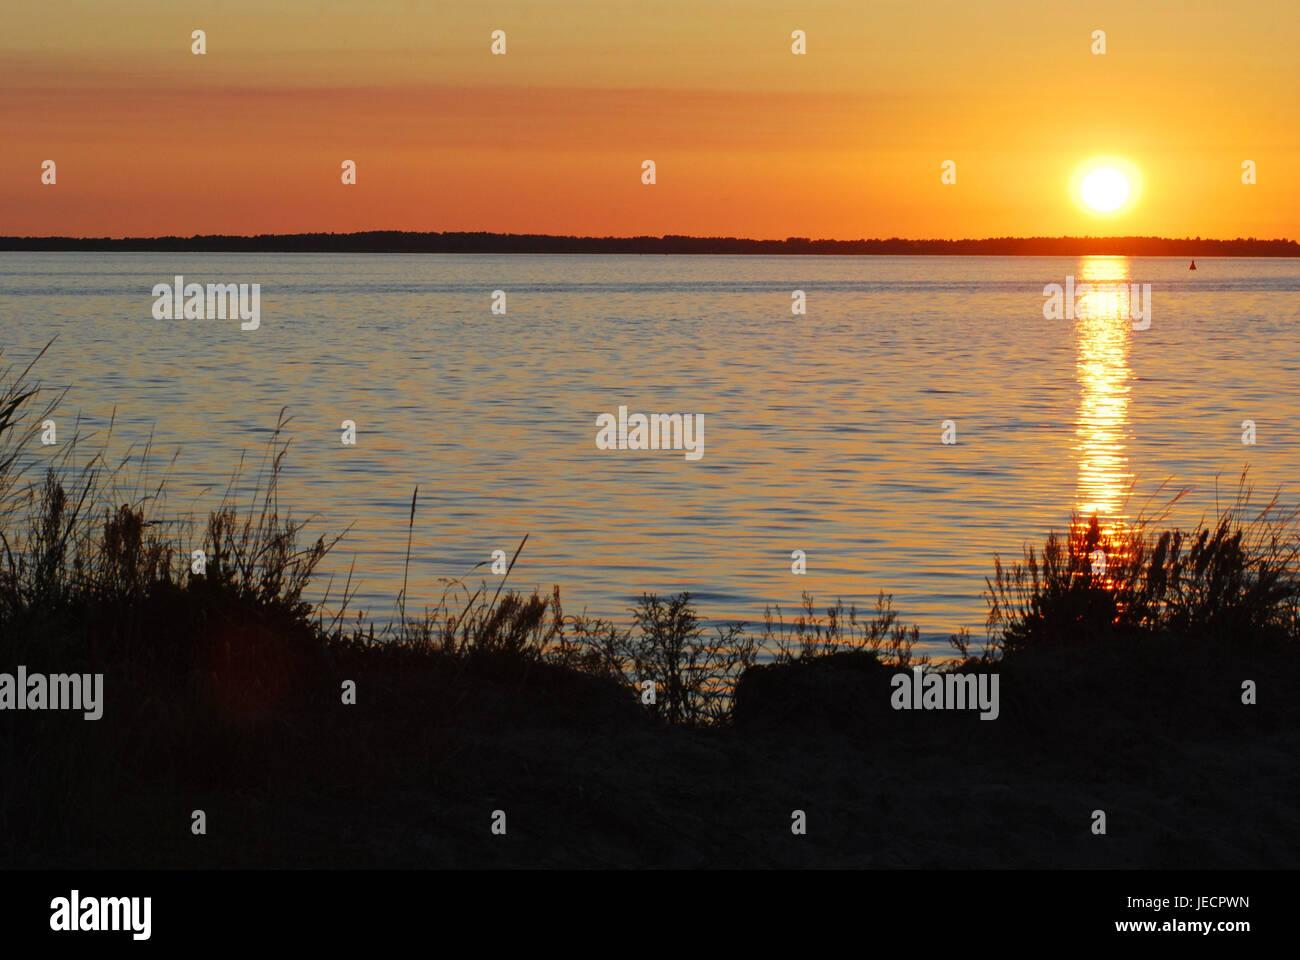 Die Ostsee, Sonnenuntergang, Norddeutschland, Deutschland, Ostsee, Meer, See, Wasser, Sonne, Überlegung, Abend, Stockbild